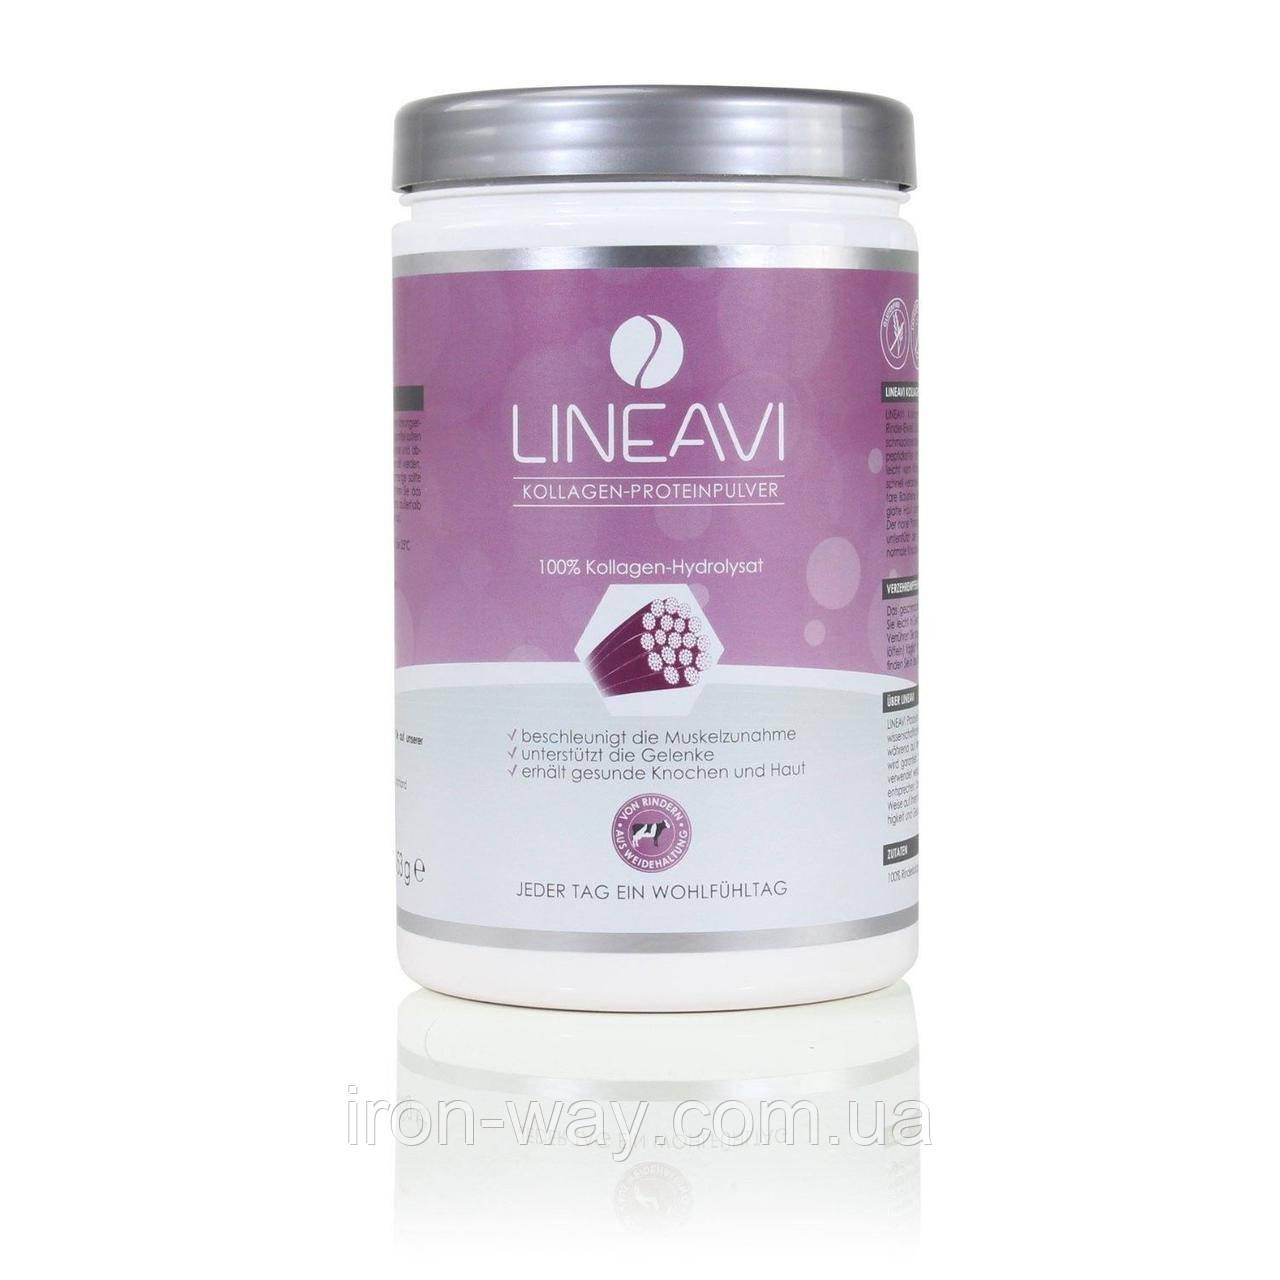 Lineavi 100% Hydrolyzed Collagen Protein Pulver 410 g